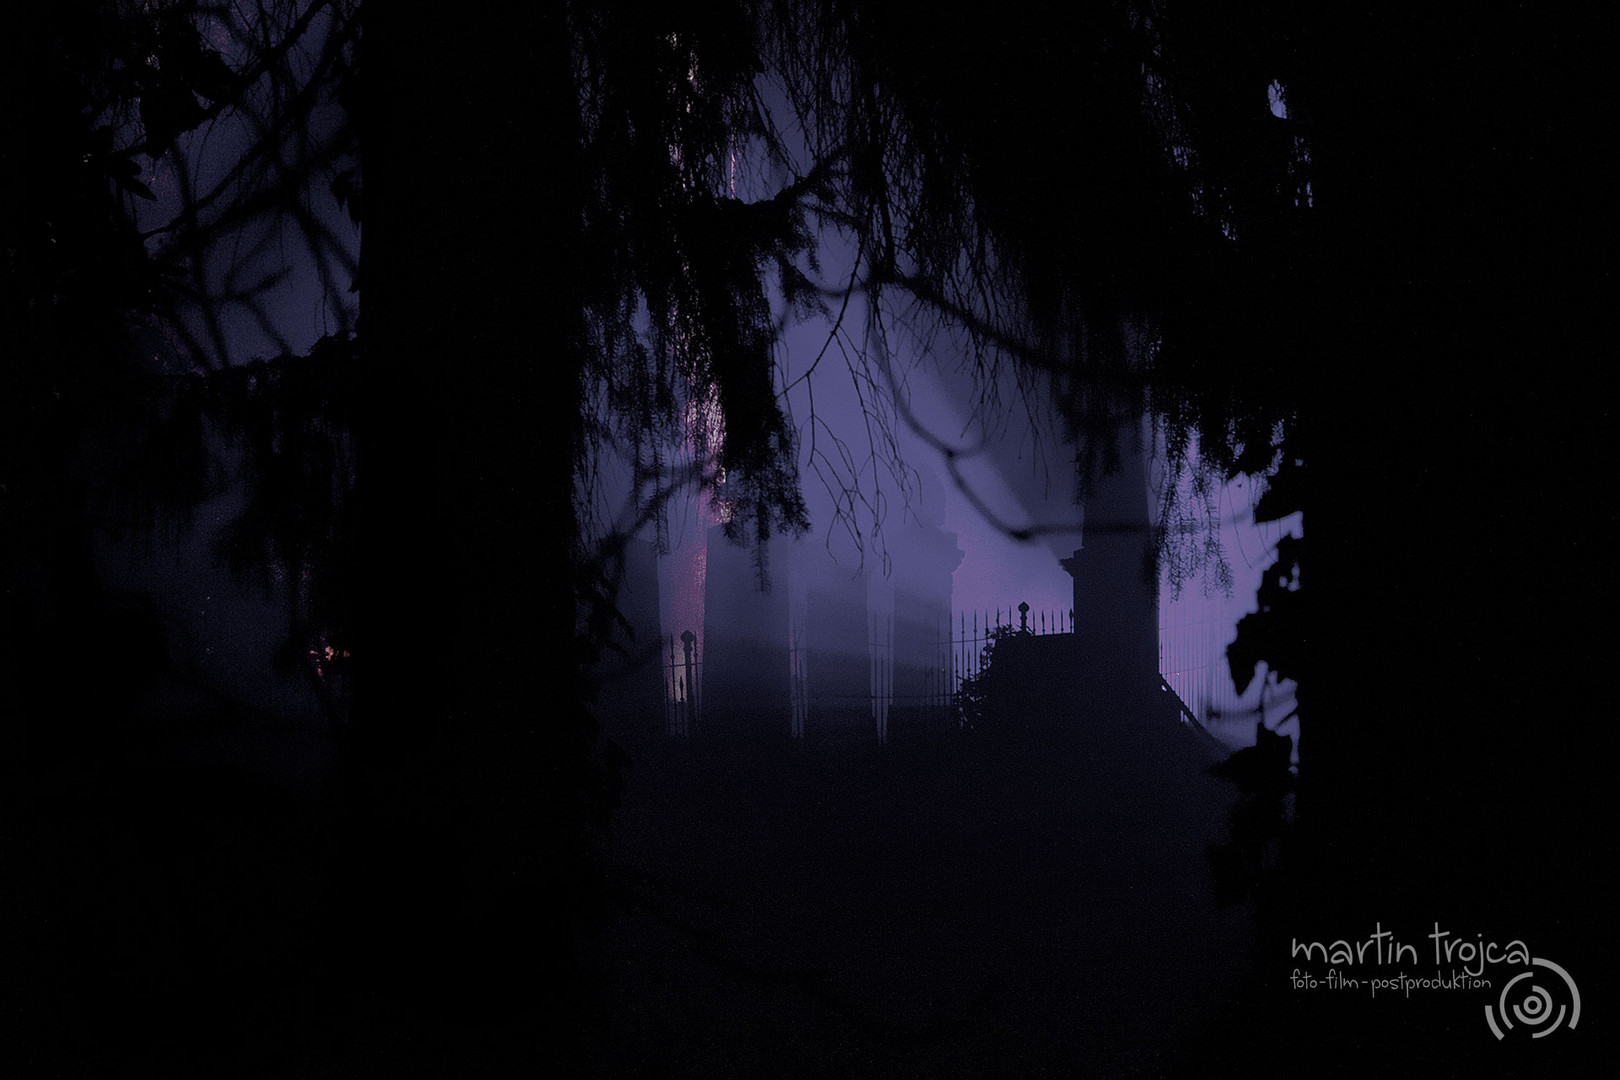 Alte Grabsteine auf einem Friedhof in der Nacht